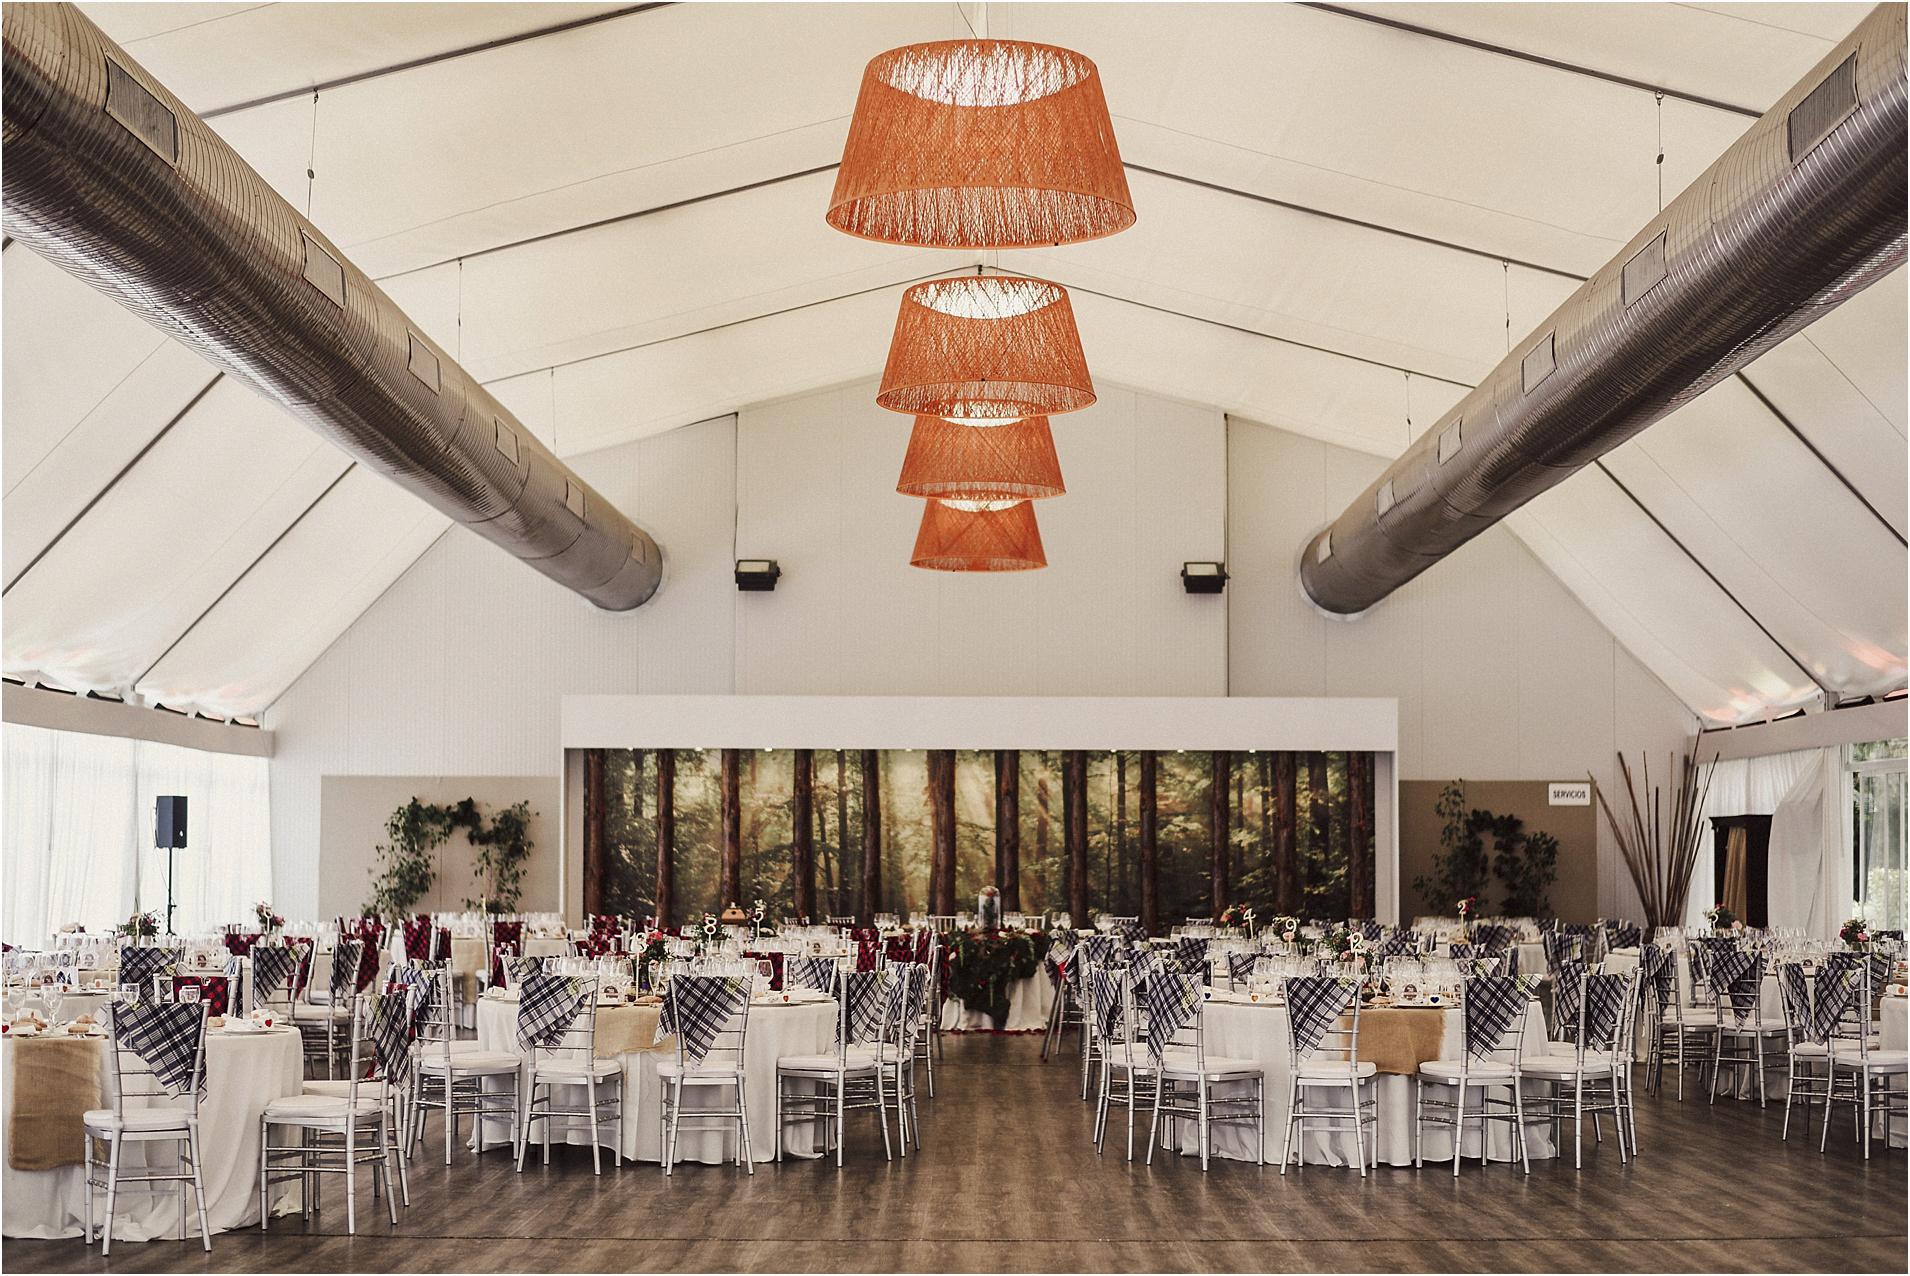 Fotografos-de-boda-donostia-zaragoza-san-sebastian-destination-wedding-photographer-81.jpg